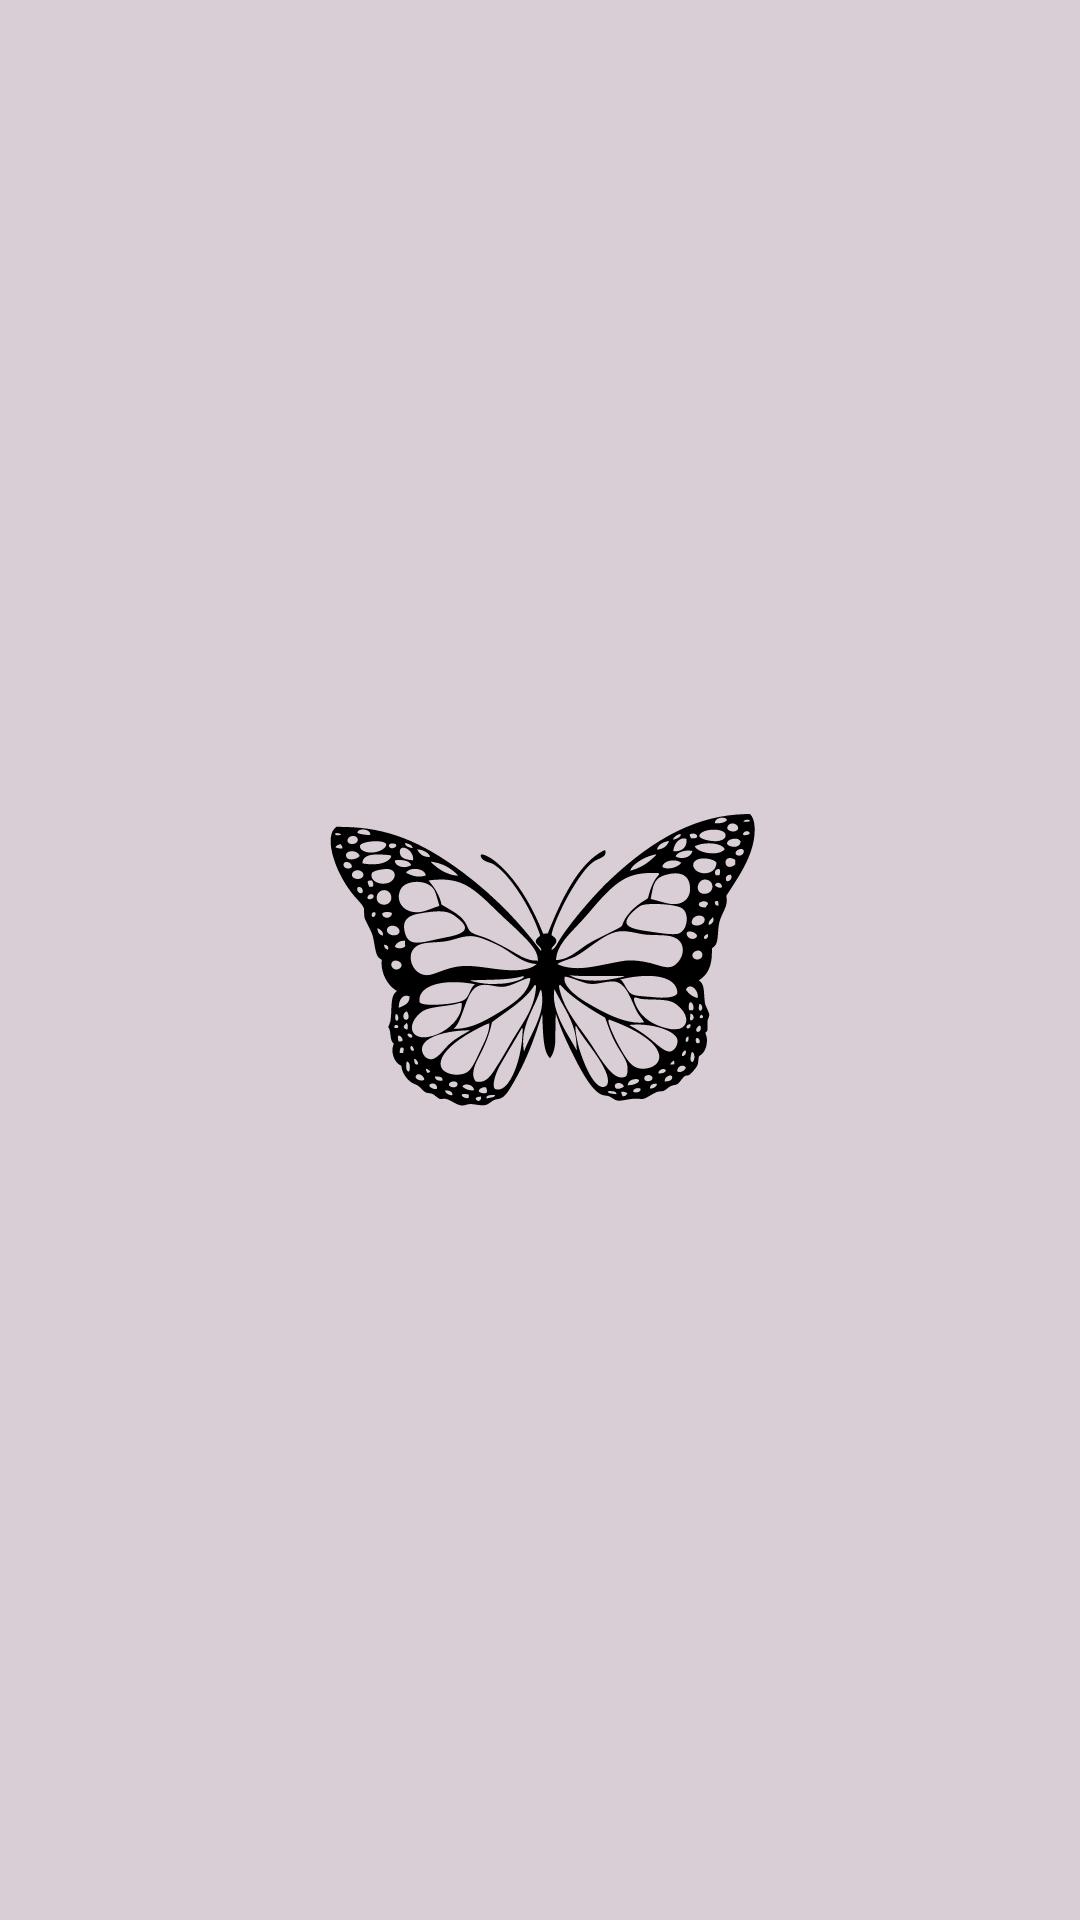 Purple Aesthetic Butterfly Wallpaper